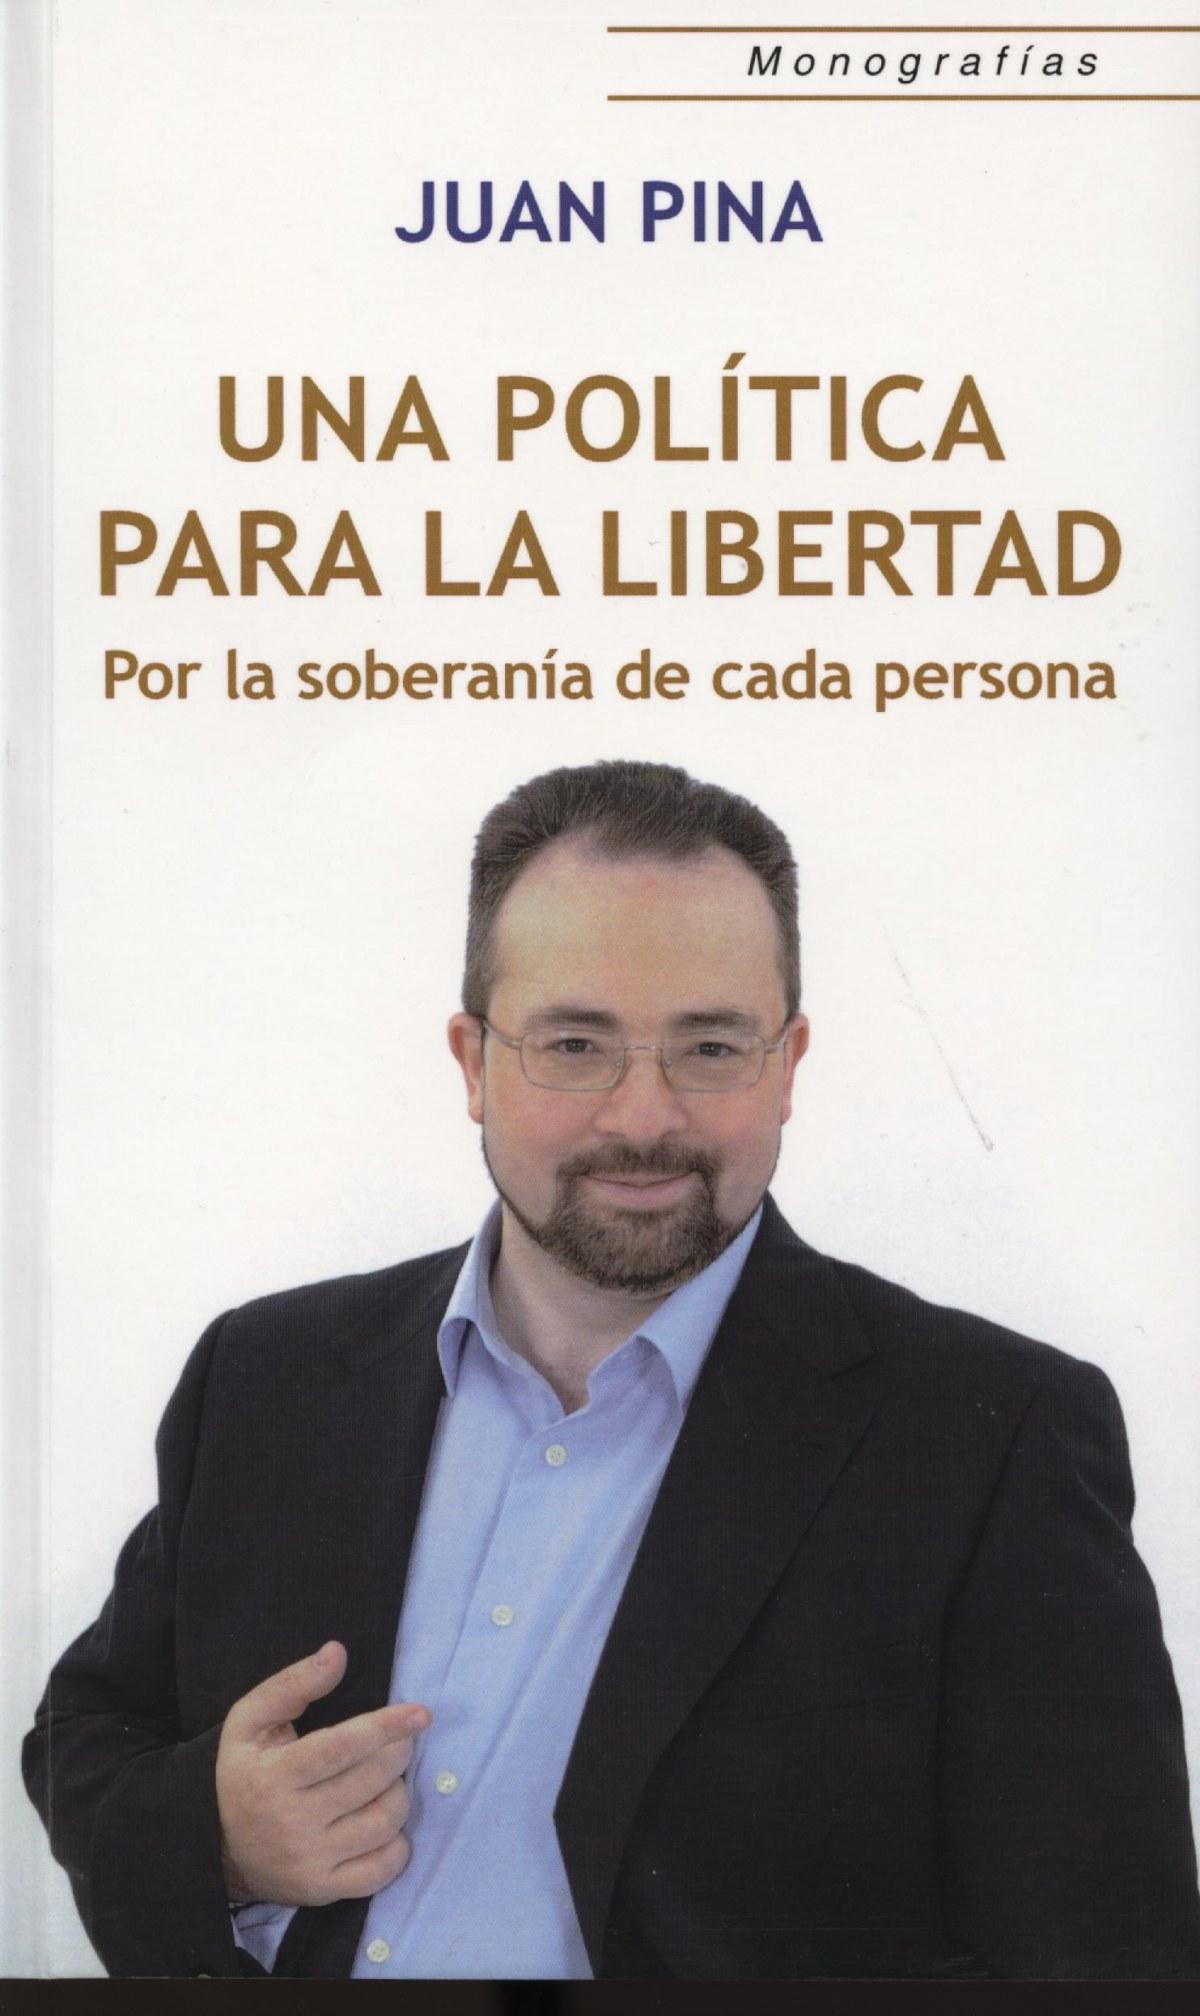 Una Politica Para La Libertad (Por La So